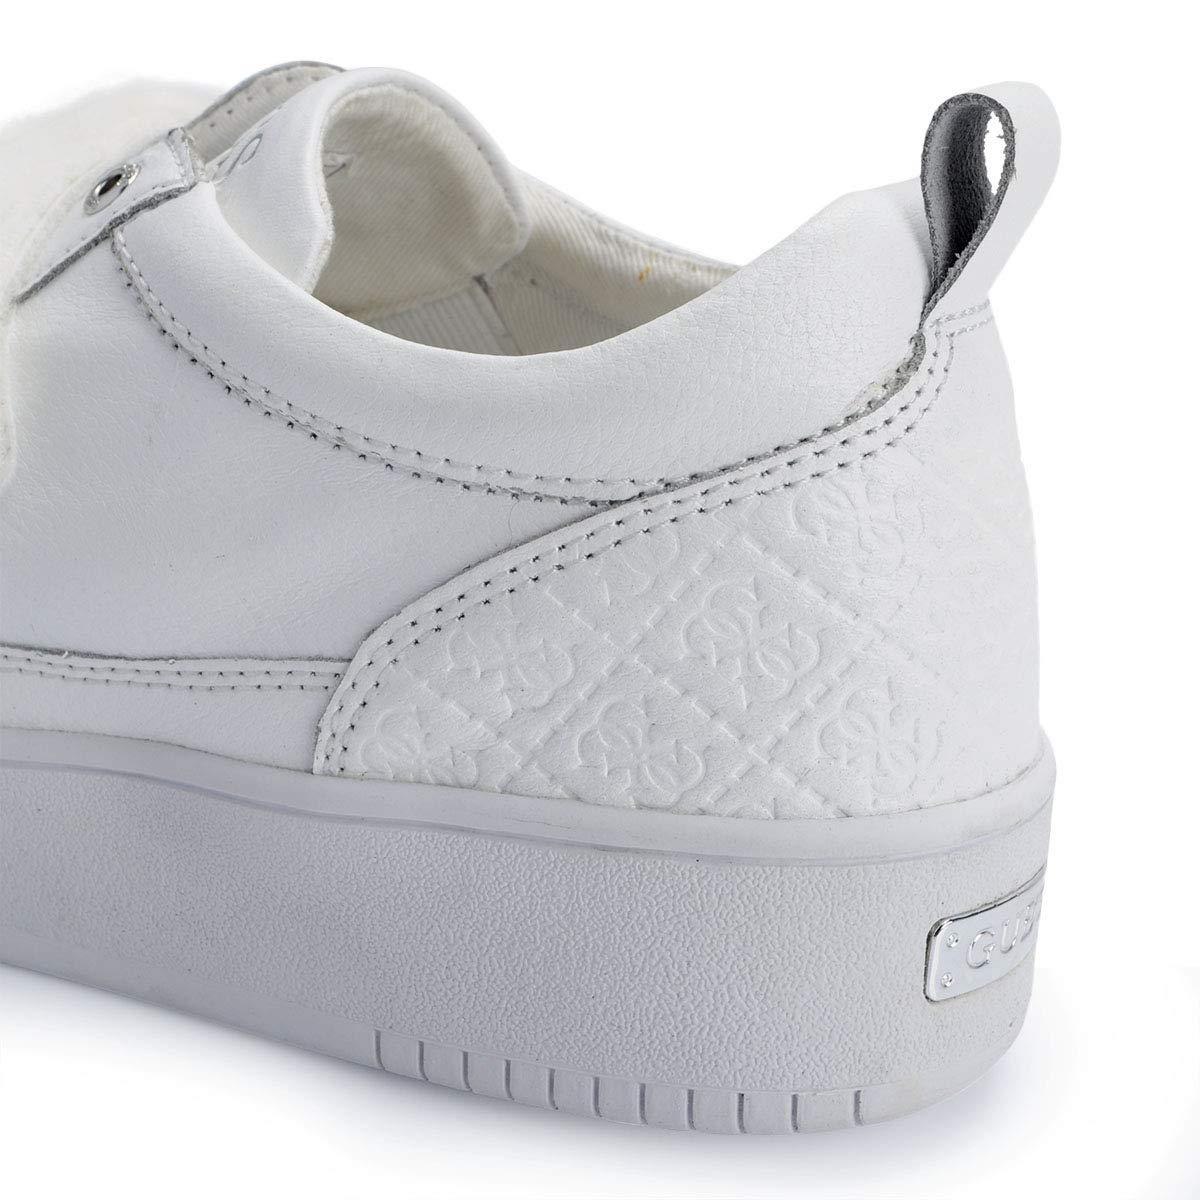 Guess Flfl03 41Chaussures Et Lea12 Sneaker Sacs reQCBWdxoE